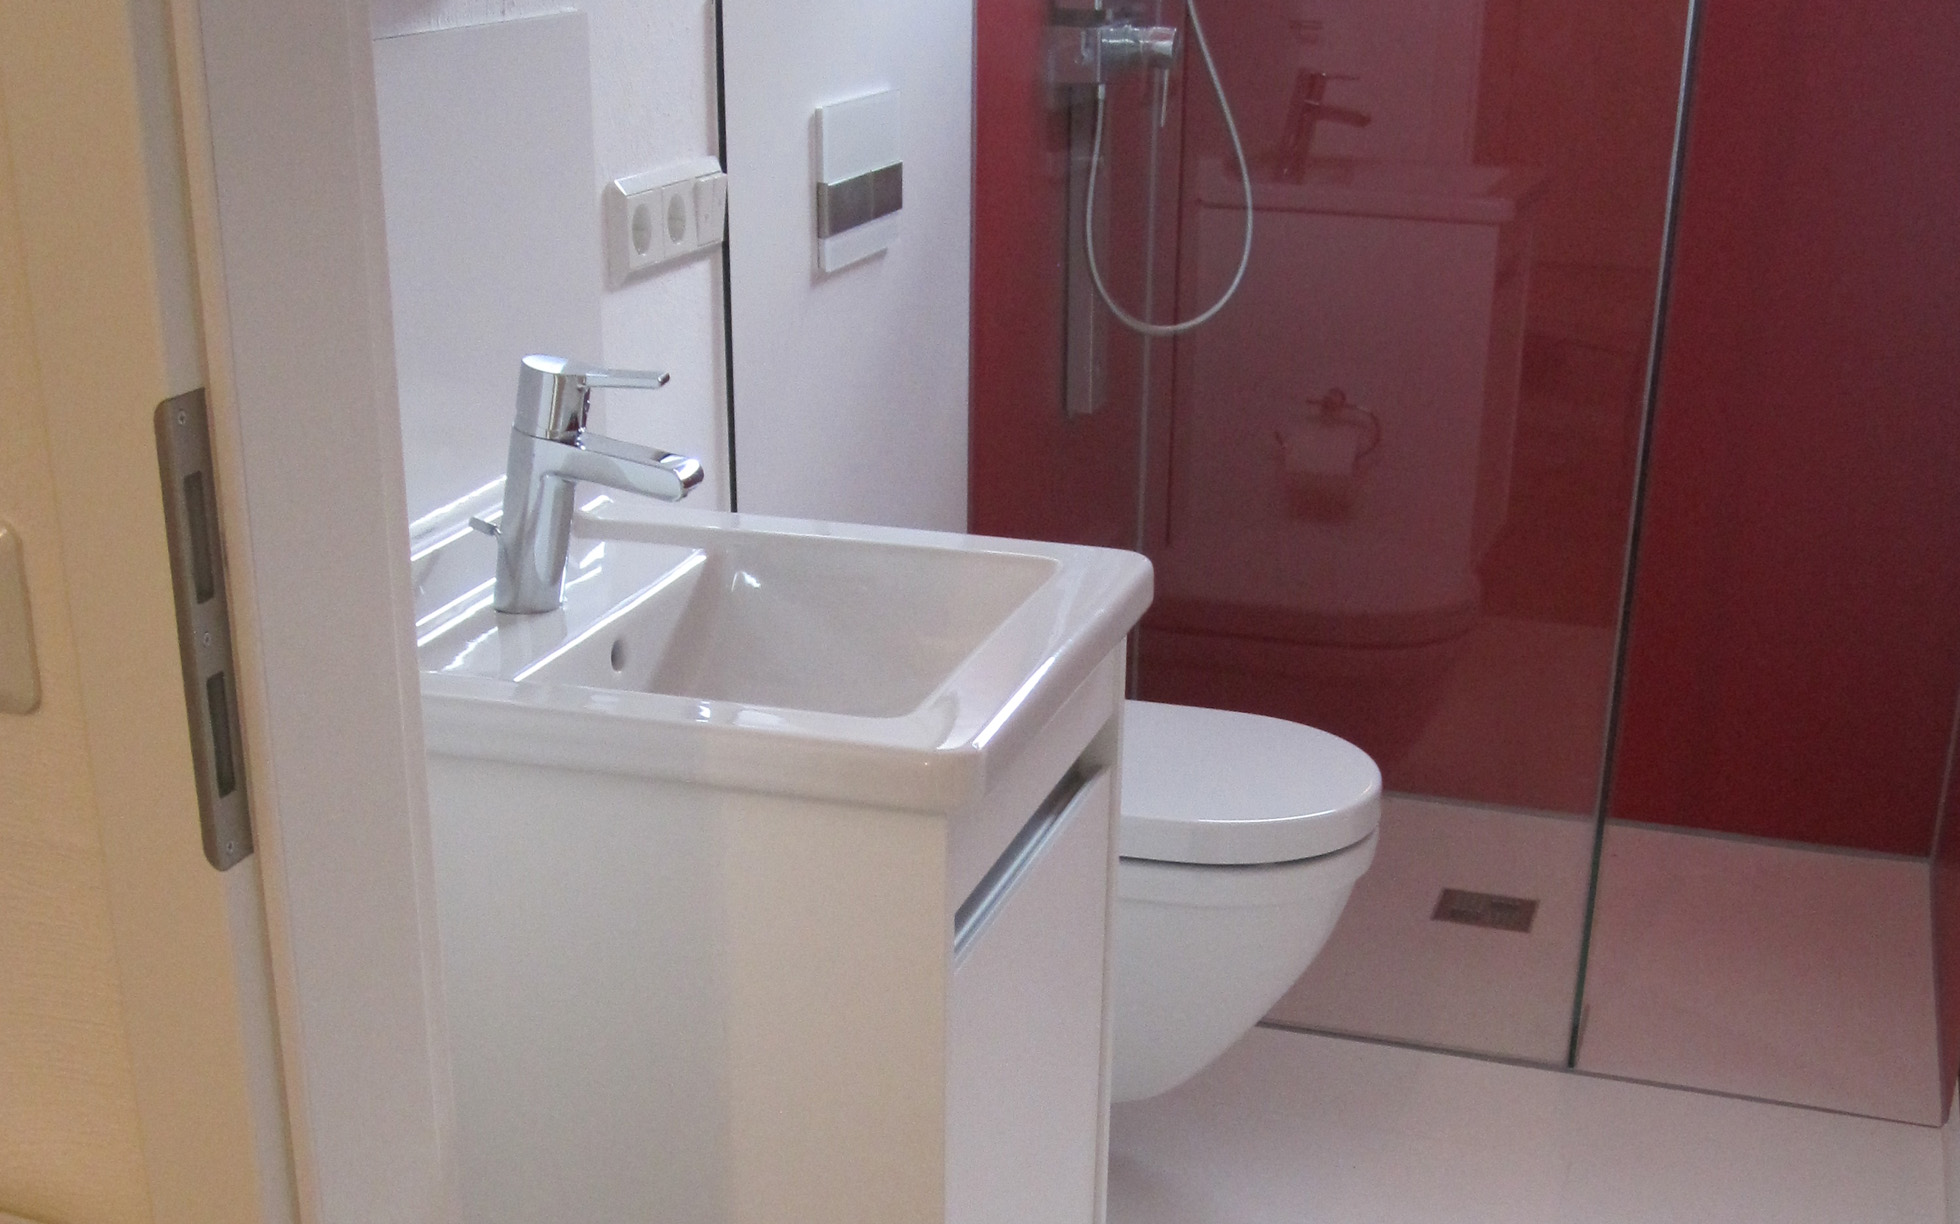 container ausstattungen badezimmer. Black Bedroom Furniture Sets. Home Design Ideas